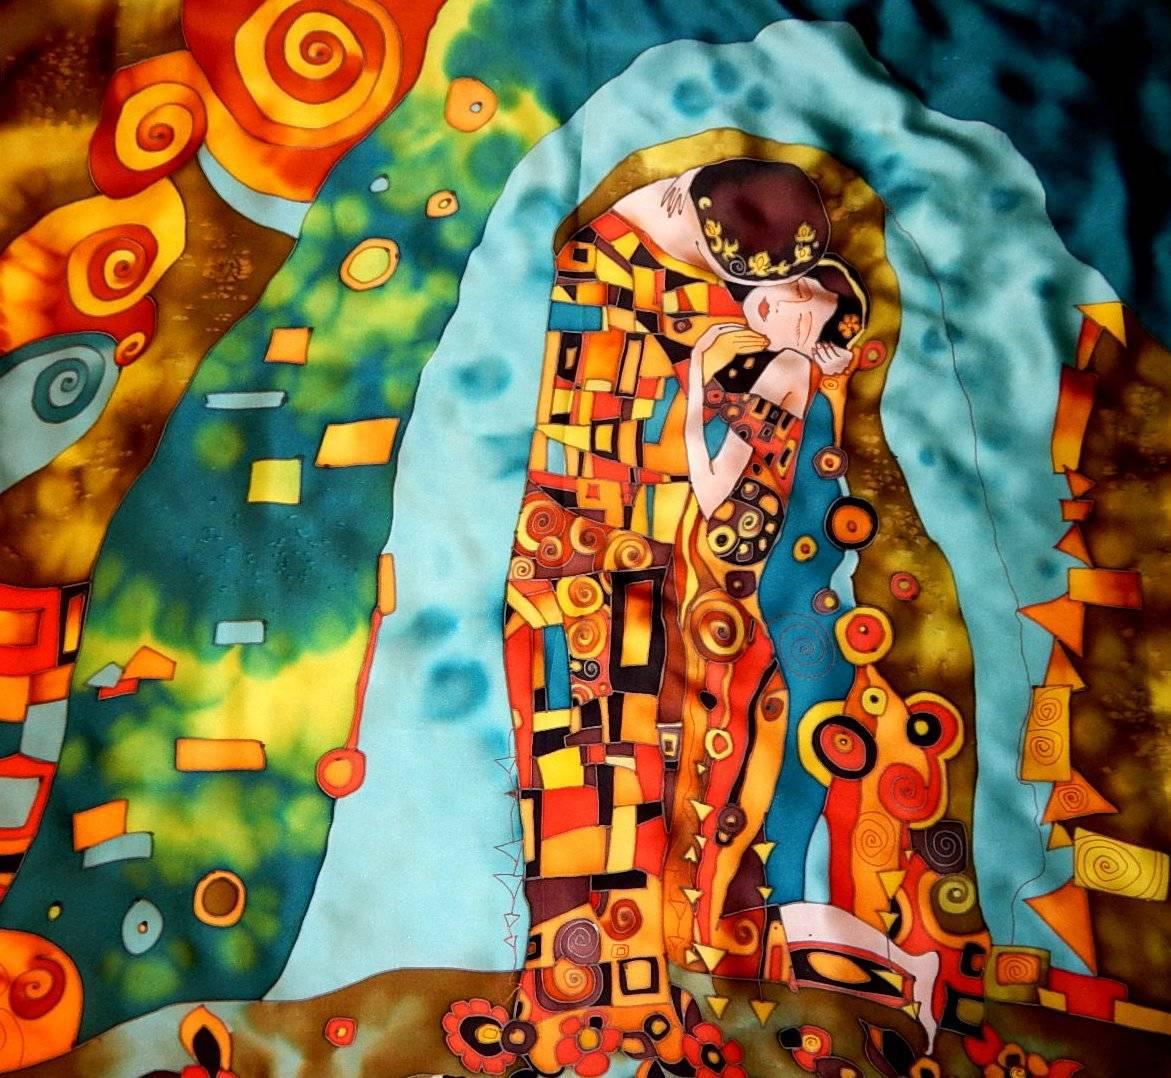 """Платок выполнен из натурального шелка - атласа, расписанного вручную в технике холодного батика. Сюжет взят с картины Густава Климта """"Поцелуй"""". Полотно Климта принадлежит к периоду творчества художника, названному «золотым»: в это время художник много работал с золотым цветом и настоящим листовым сусальным золотом. Популярность картин этого времени, и «Поцелуя» в том числе, связана не в последнюю очередь с применением художником золота в качестве цвета. Платок станет стильным и ярким дополнением к Вашему образу и непременно подчеркнет Вашу индивидуальность!"""